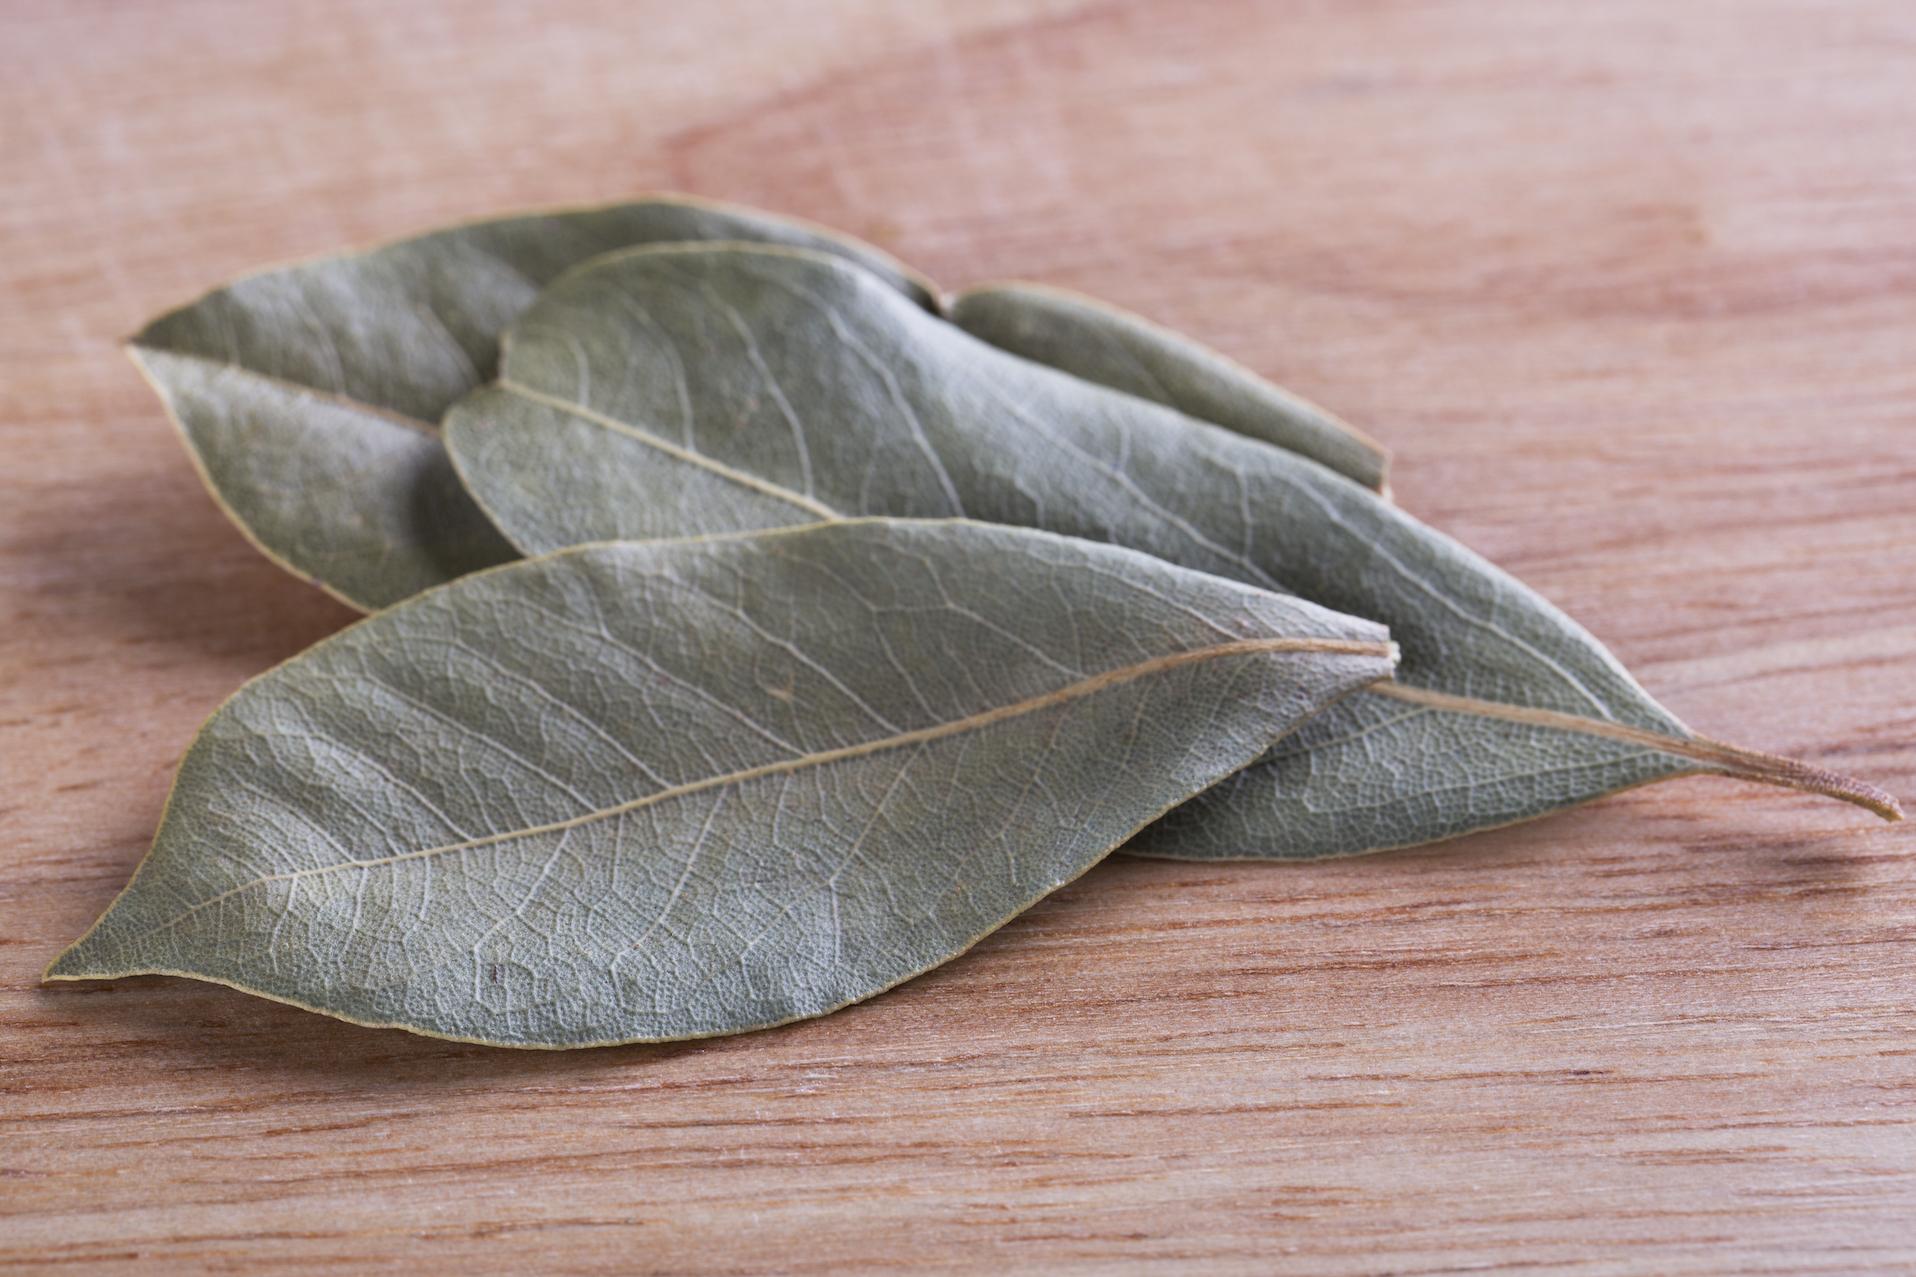 hojas-de-laurel-secas-para-cocina-natural-de-hogar-sostenible-o-ecologico